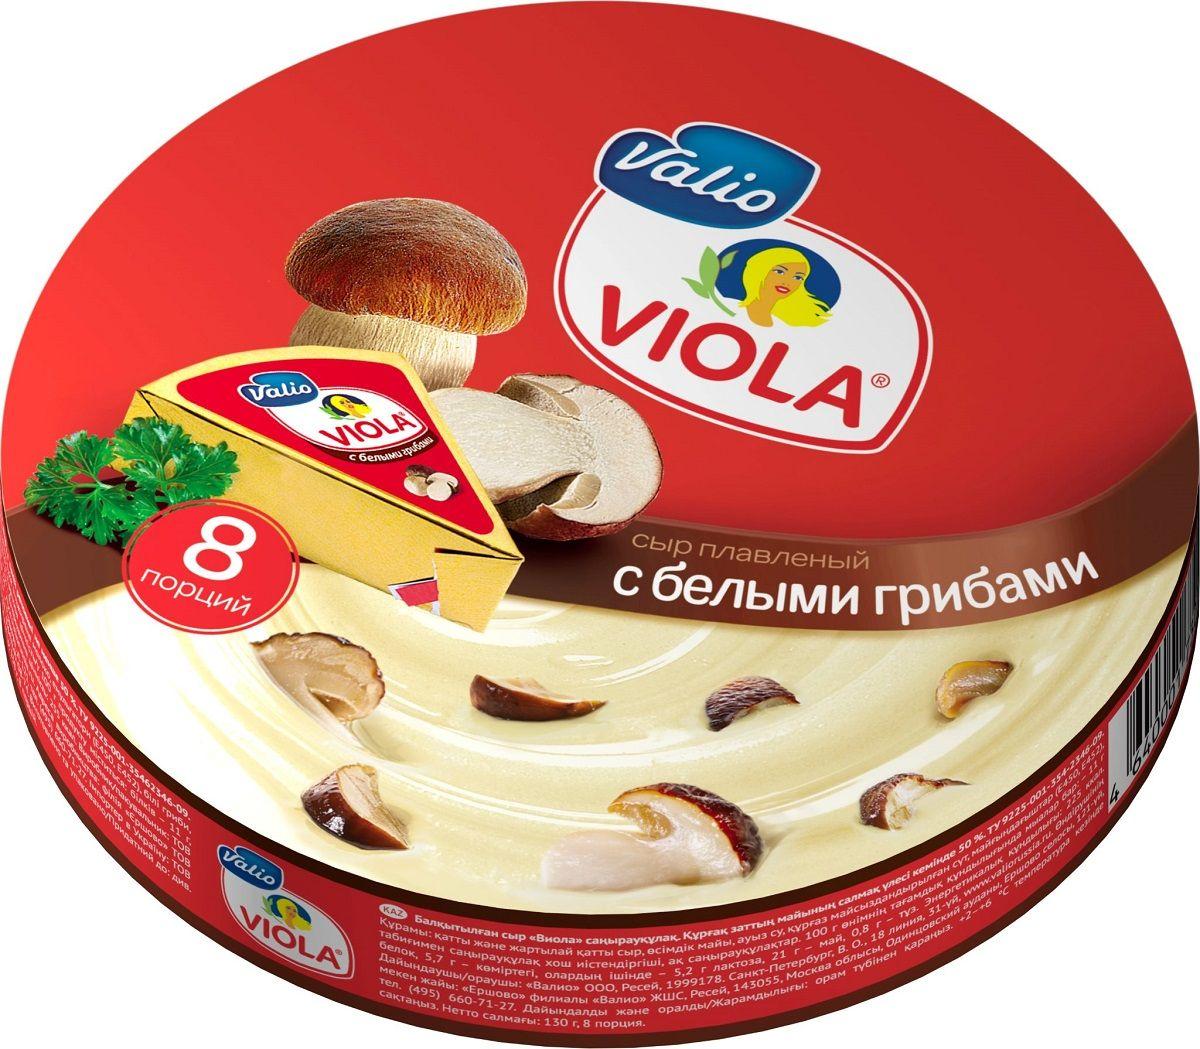 где купить Valio Viola Сыр с белыми грибами, плавленый, 130 г по лучшей цене